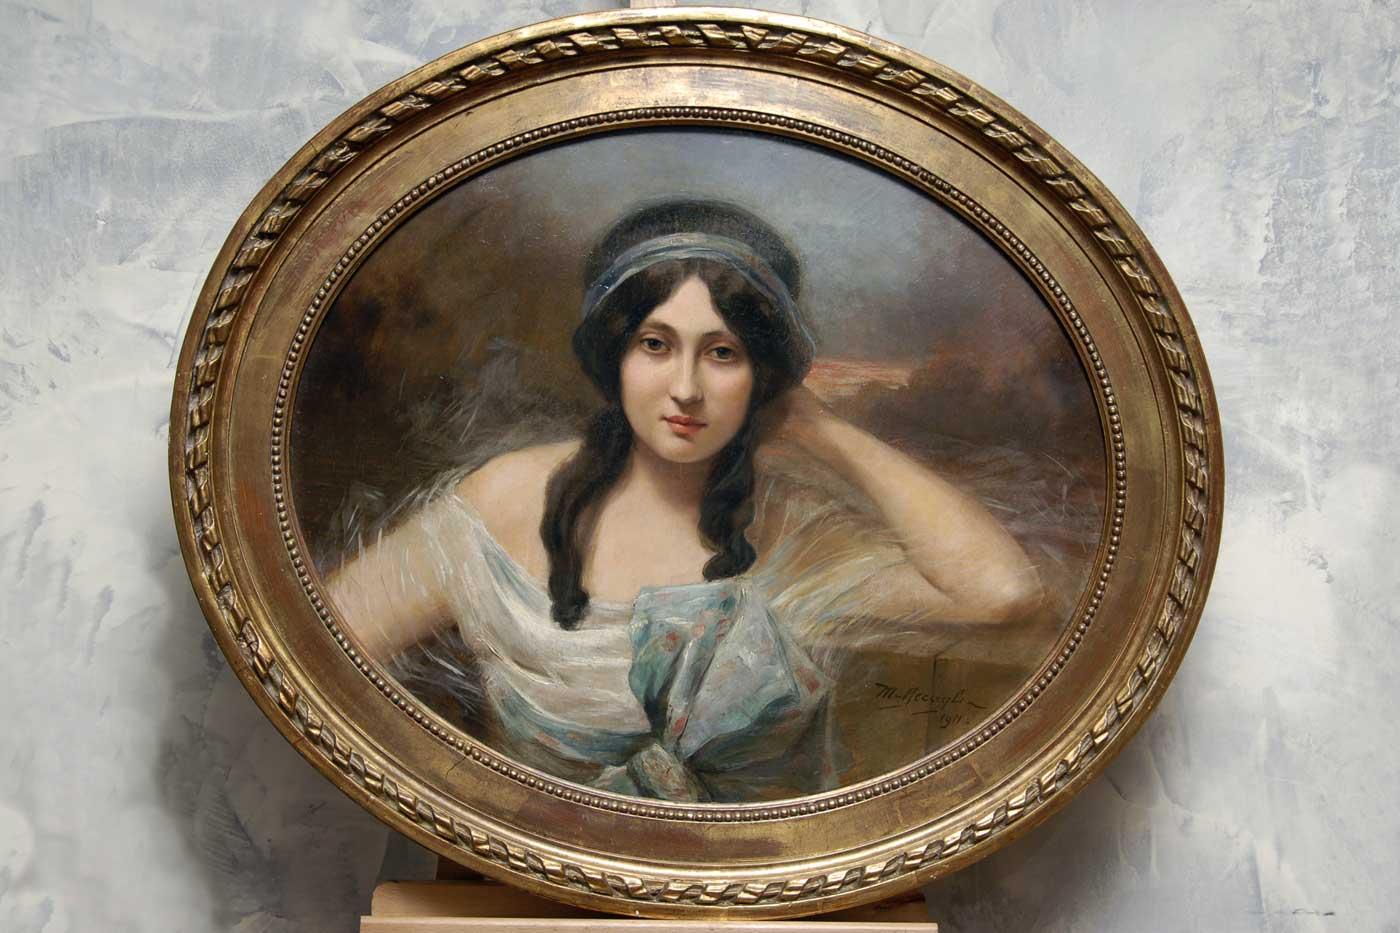 Pittura e arredi Ritratto femminile